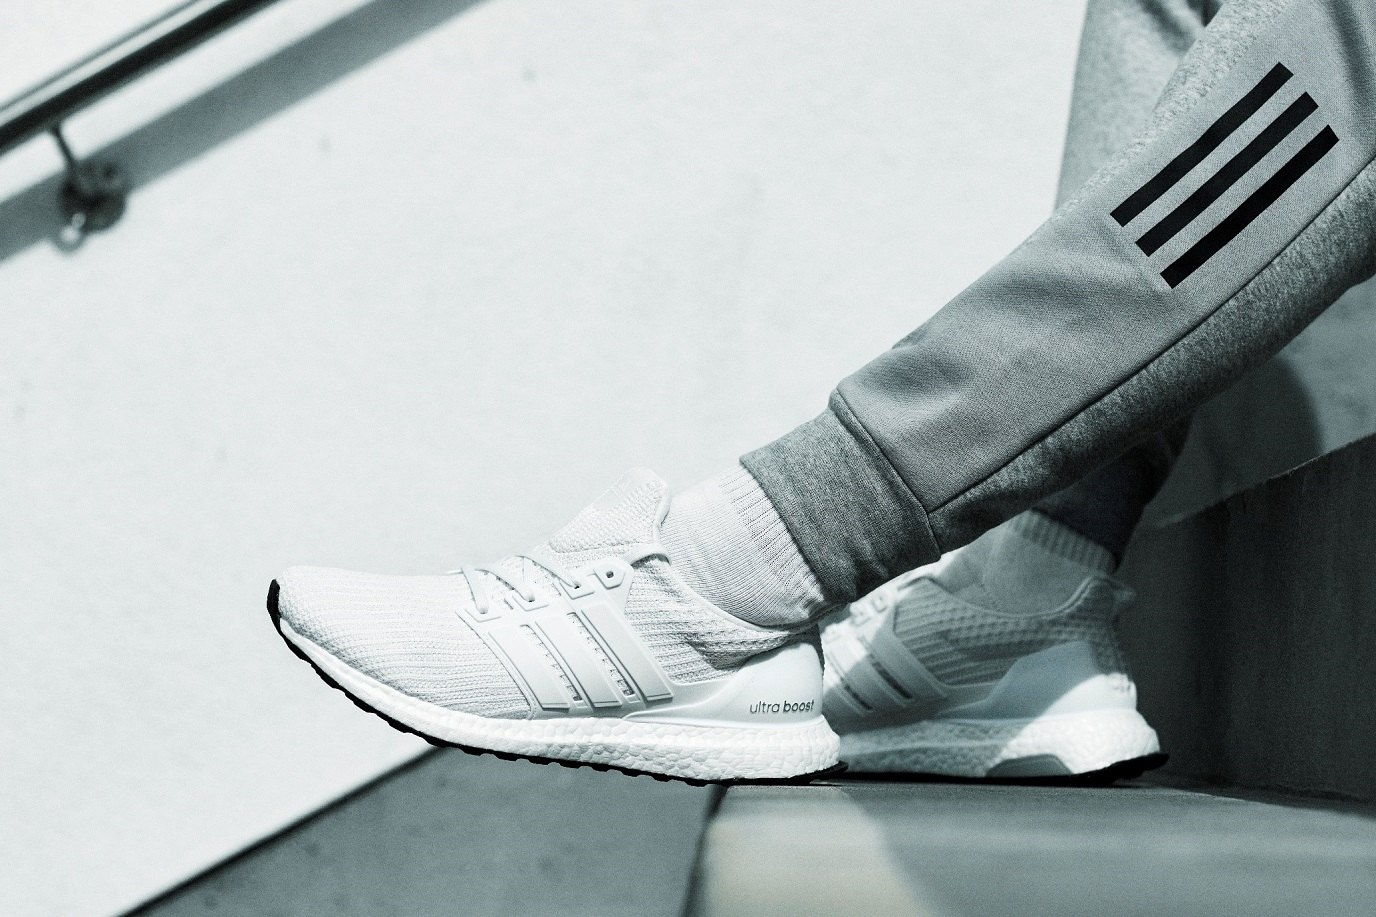 7483599af07 Dit betekent dat de midsole energie kan vasthouden en herstellen, in  tegenstelling tot andere sneakers geeft deze schoen een uitmuntende demping  en veert de ...